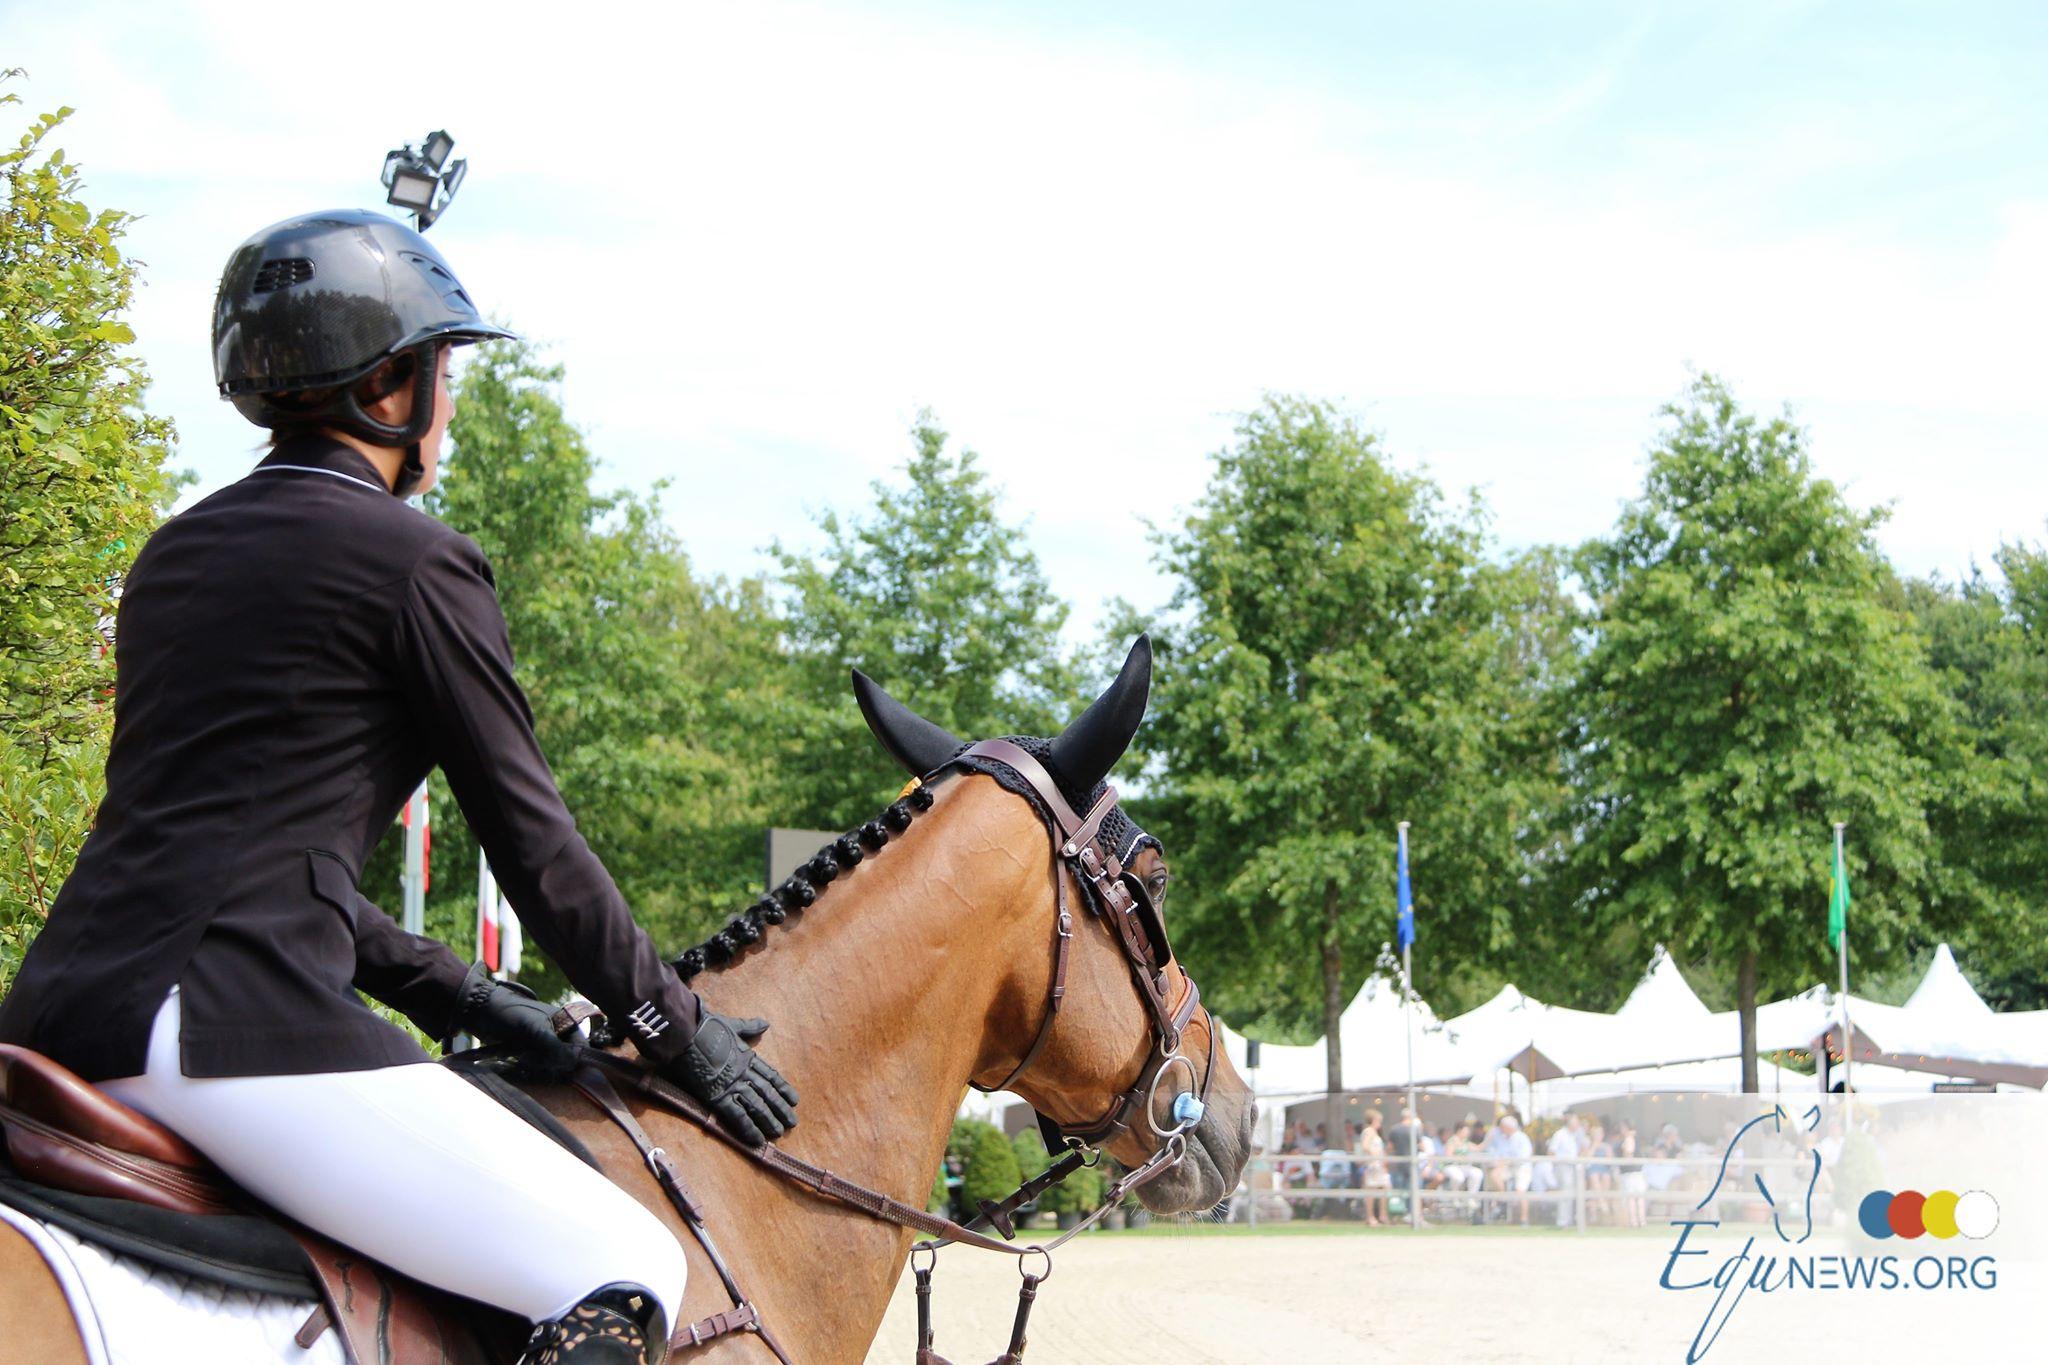 Top cinq pour Pénelope Leprevost ; Gudrun Patteet meilleure belge dans le difficile Grand Prix Oliva.